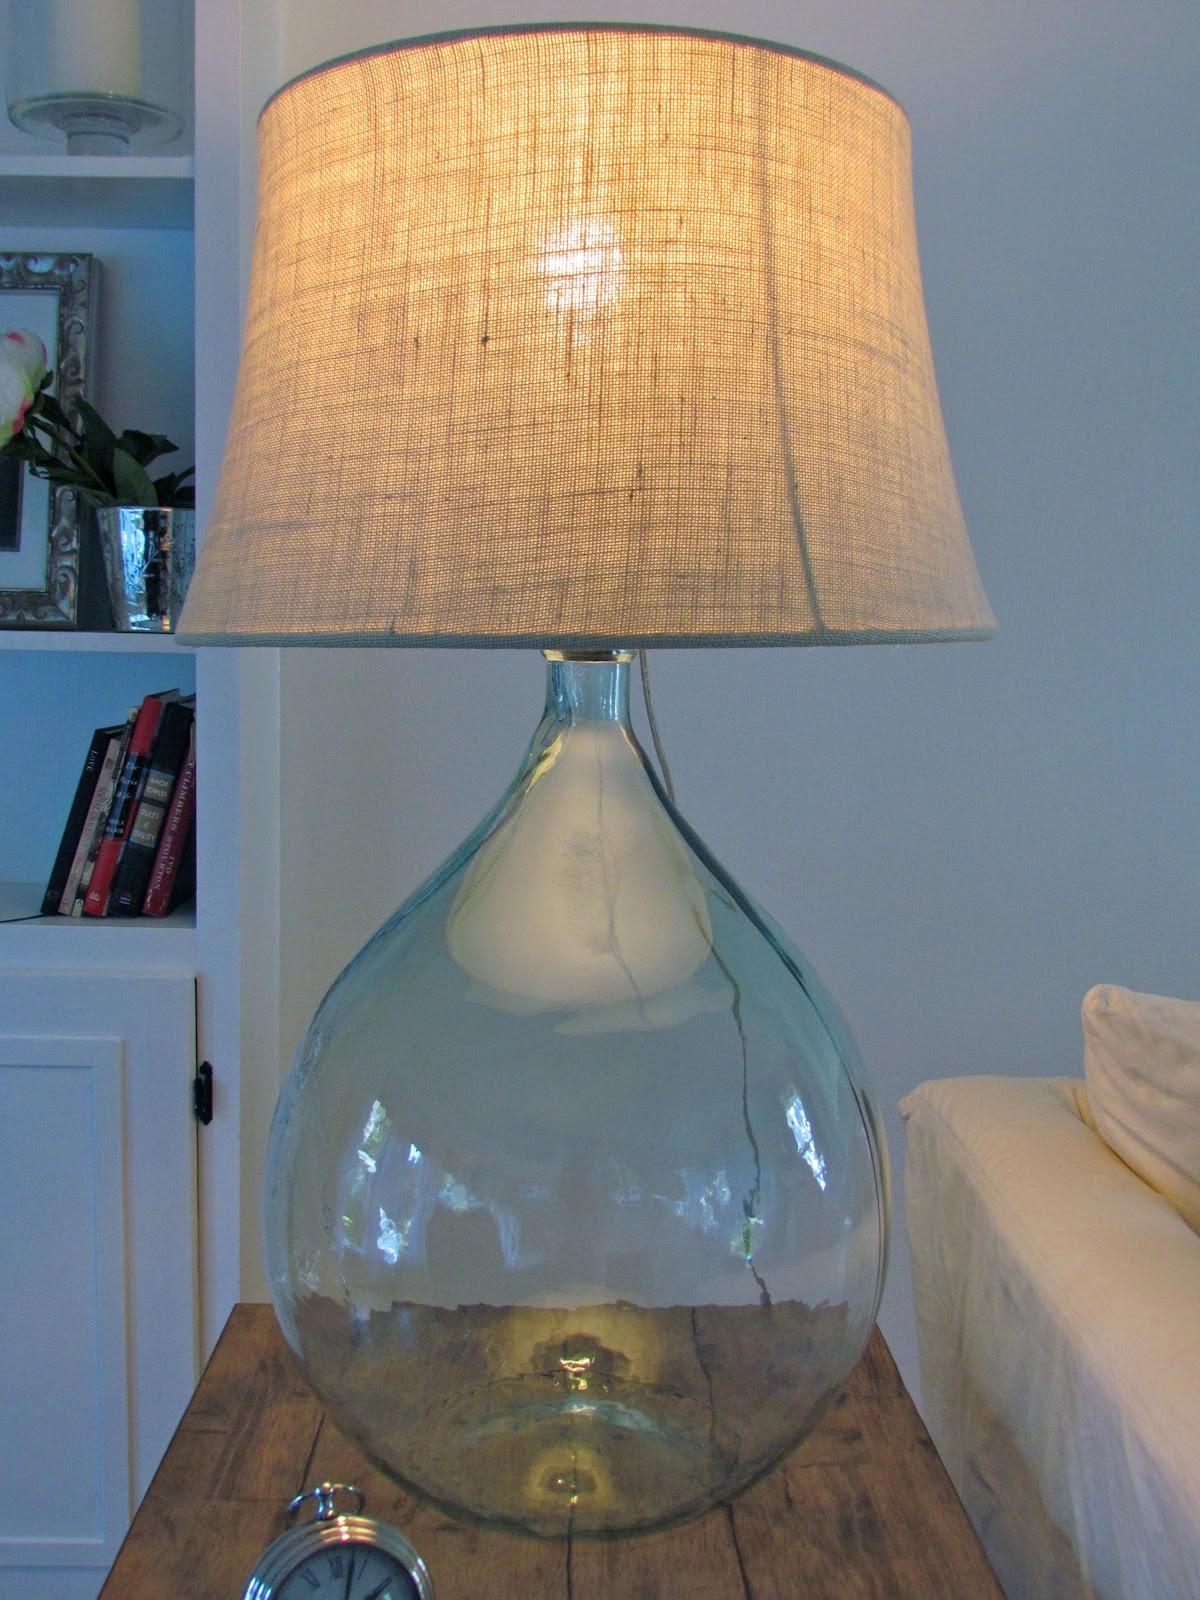 restlessoasis diy pottery barn lamp. Black Bedroom Furniture Sets. Home Design Ideas